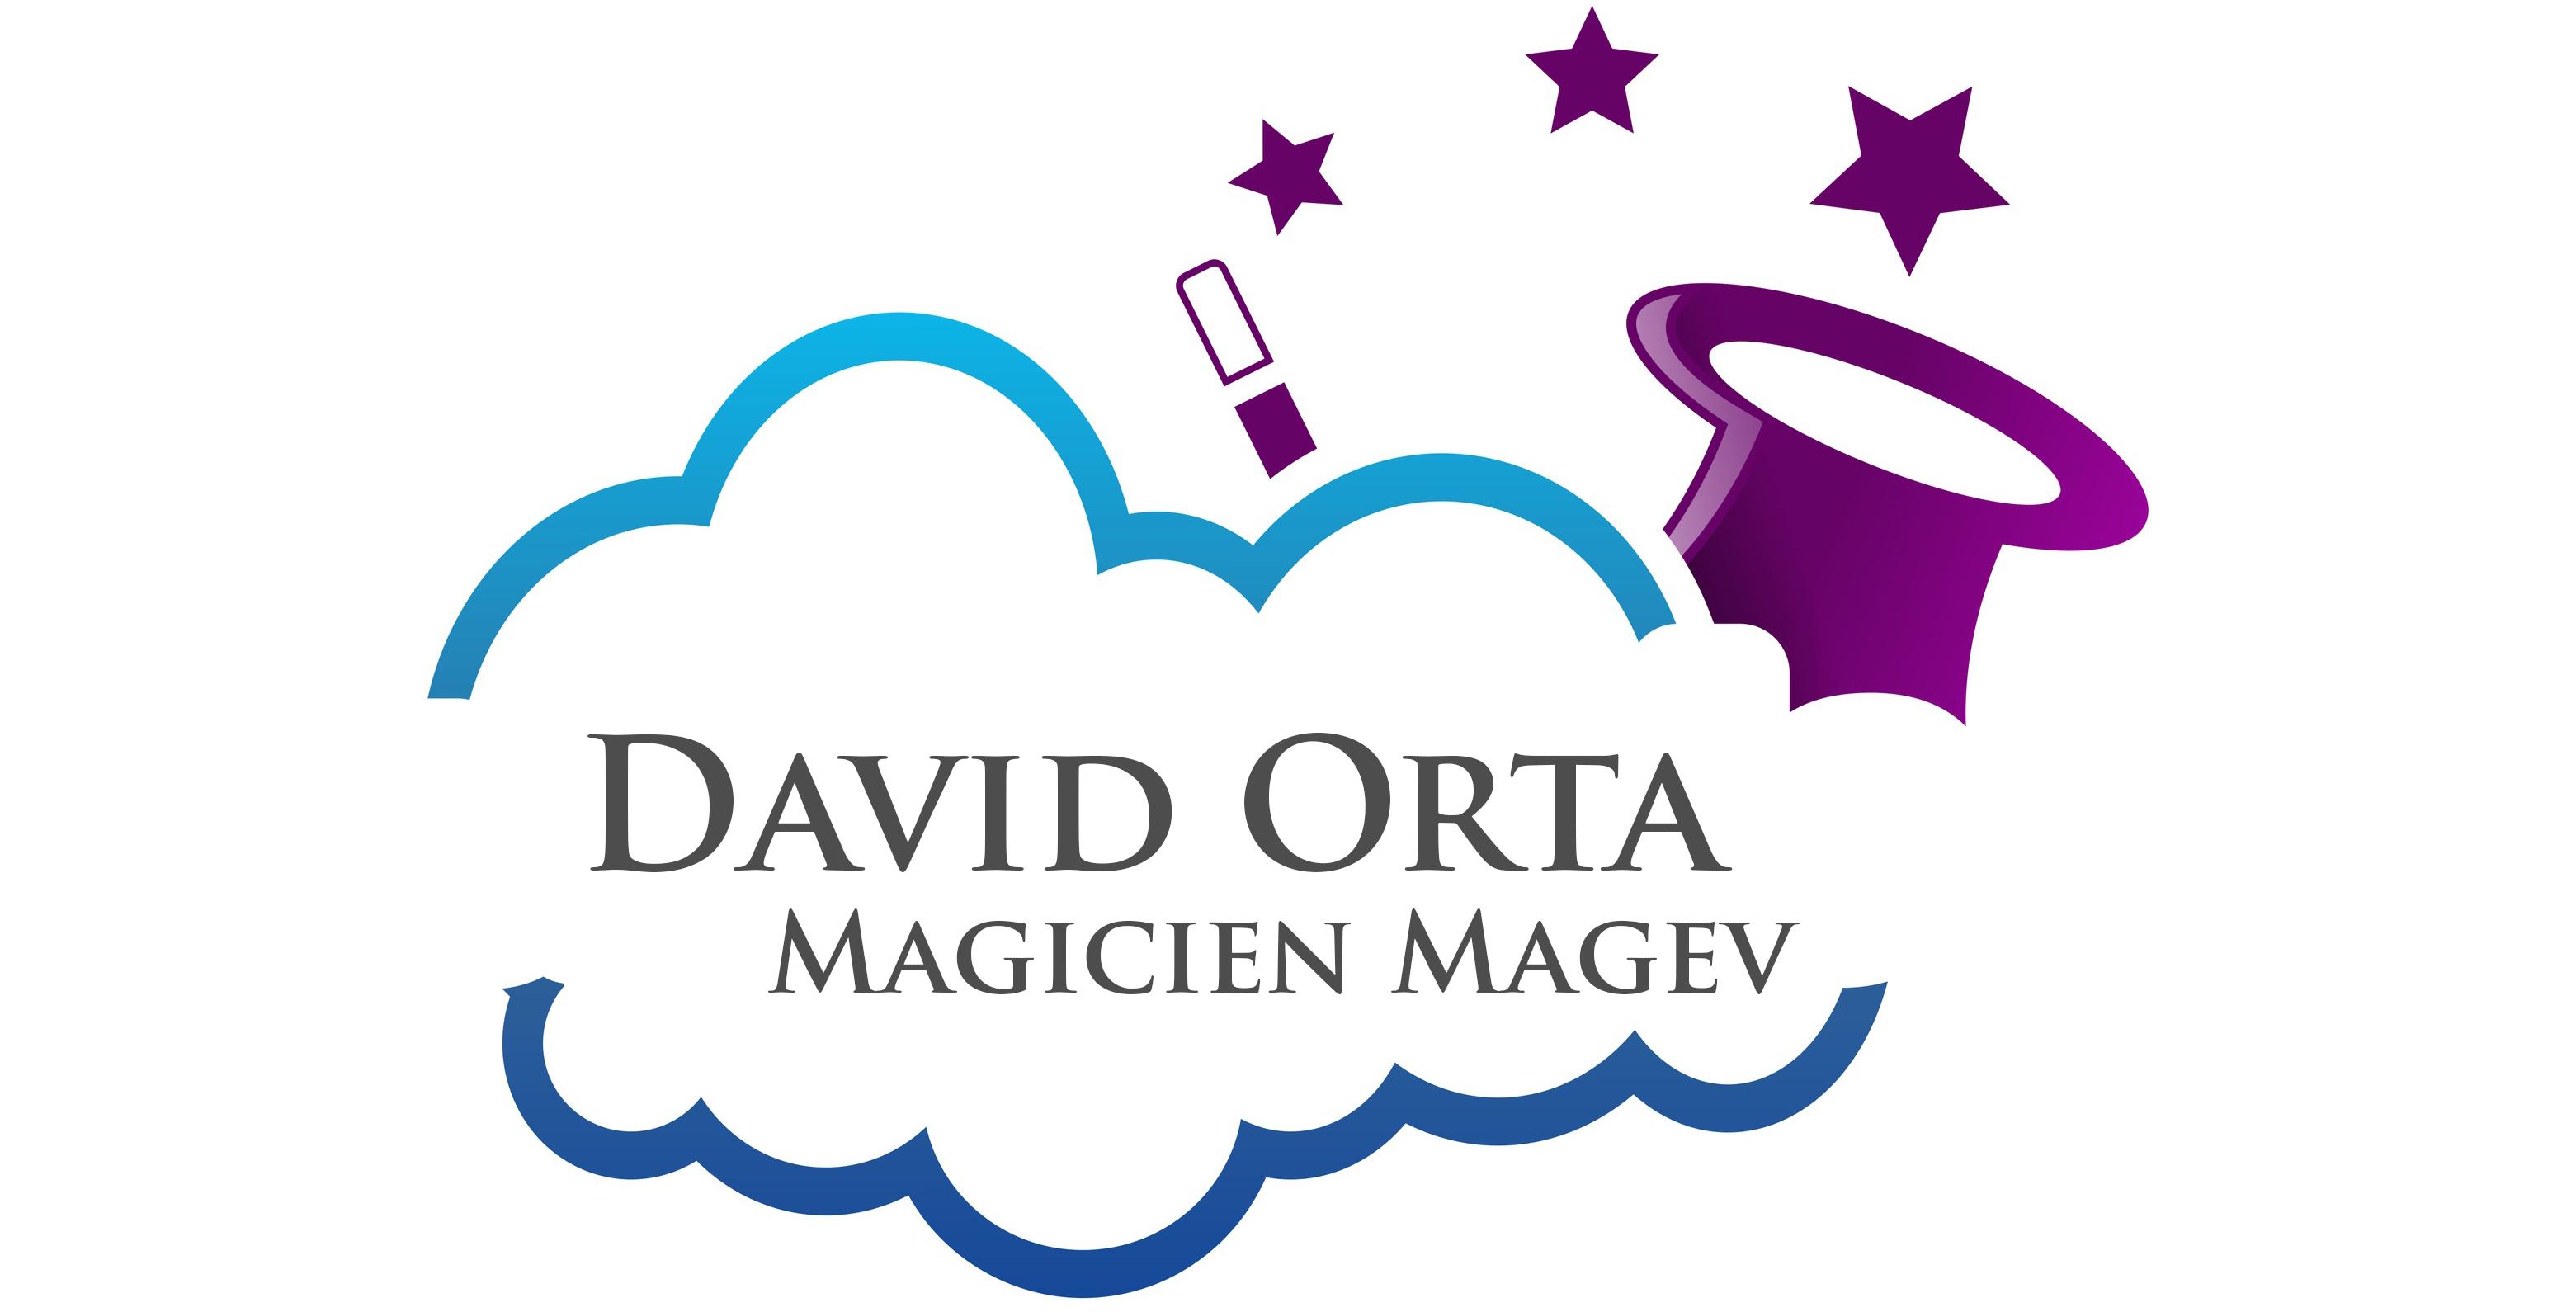 David Orta